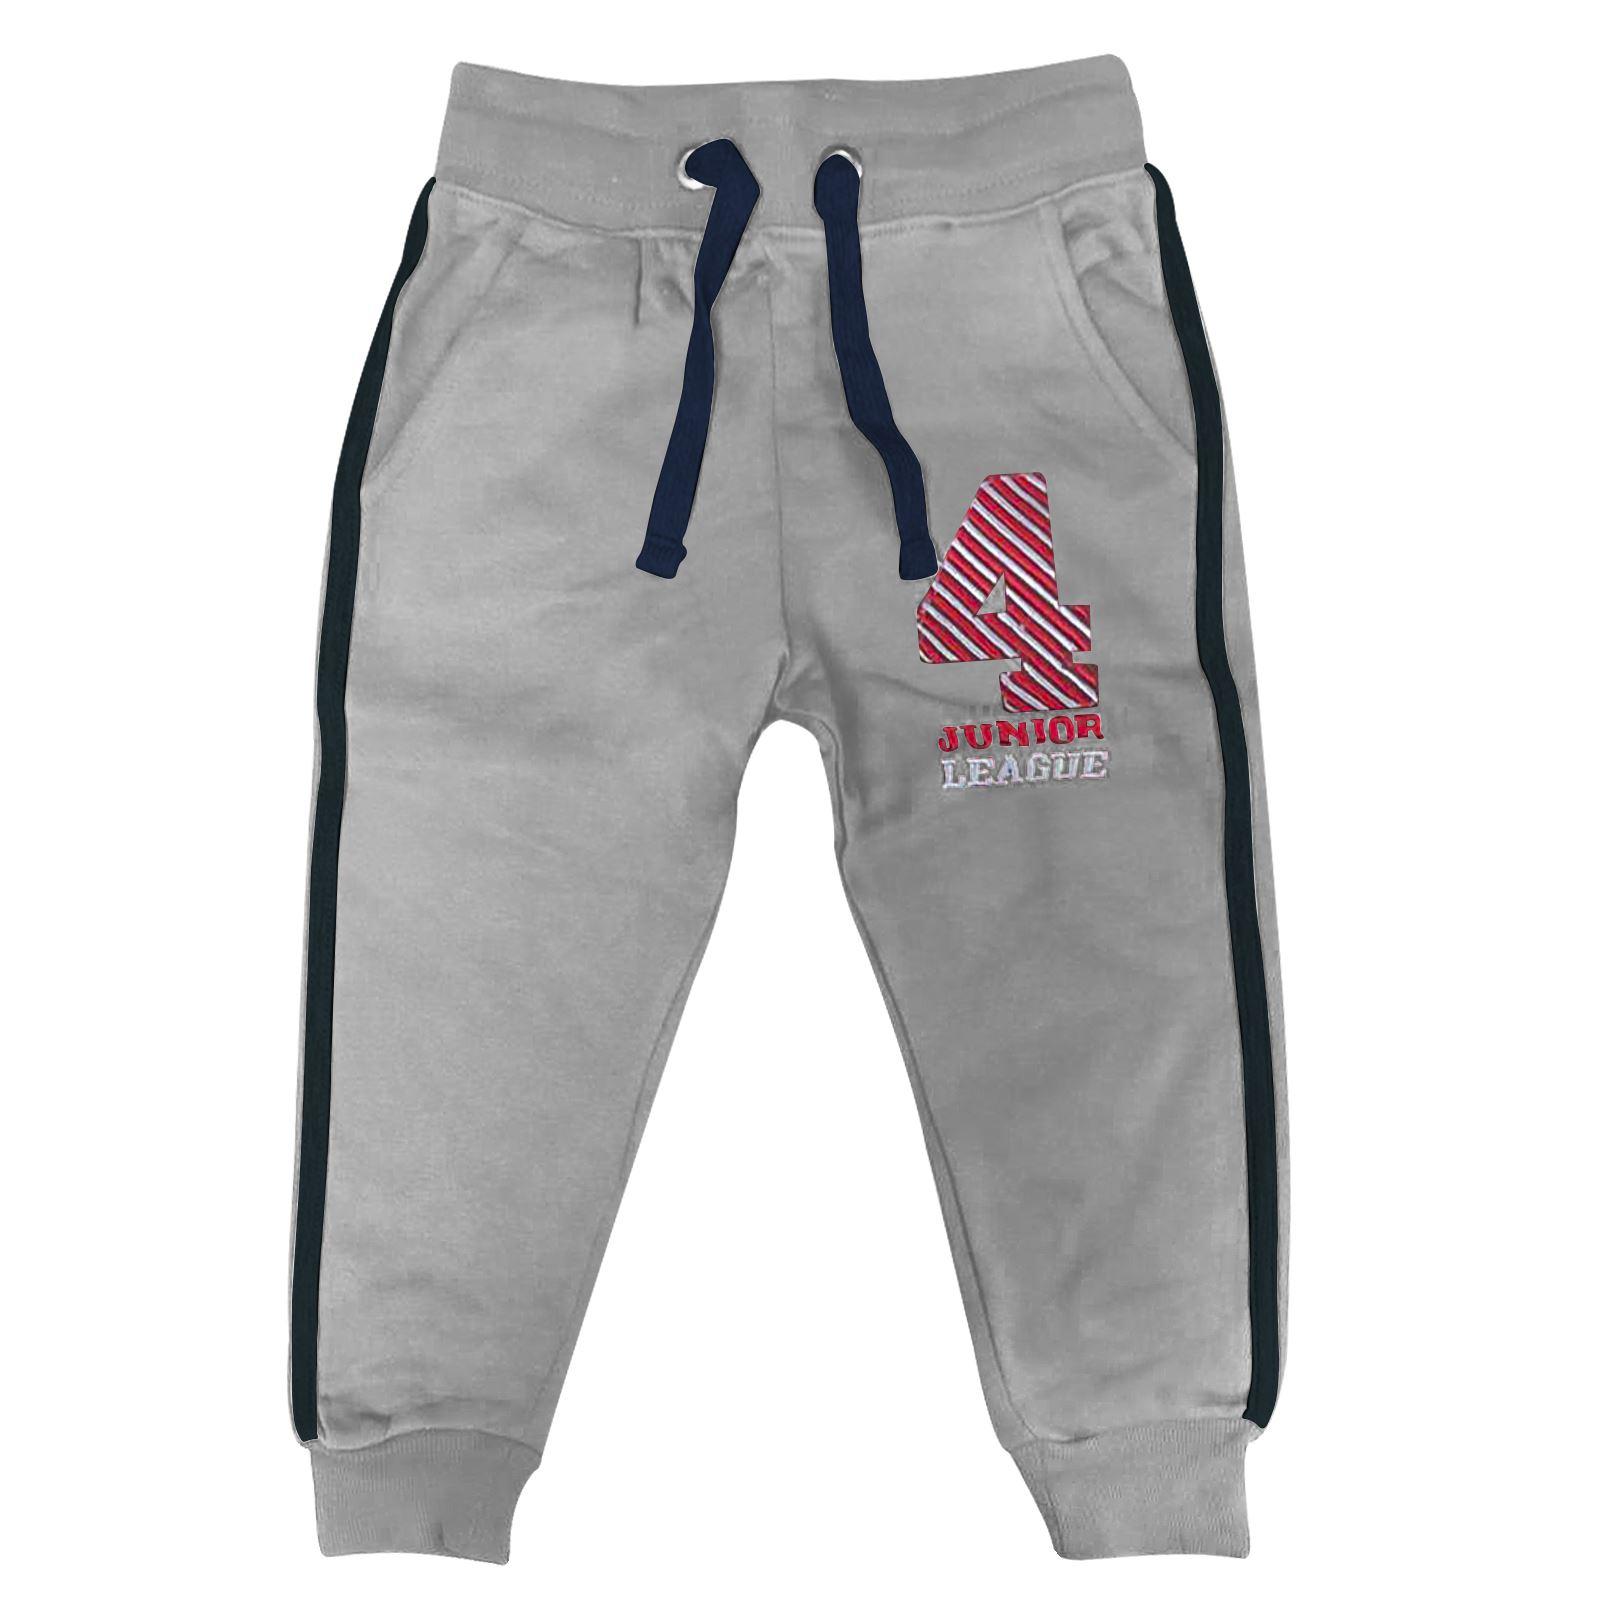 Garcons-Enfants-Camouflage-Jogging-Unisexe-Taille-Elastique-Pantalon-De-Survetement-Armee-Pantalon miniature 3